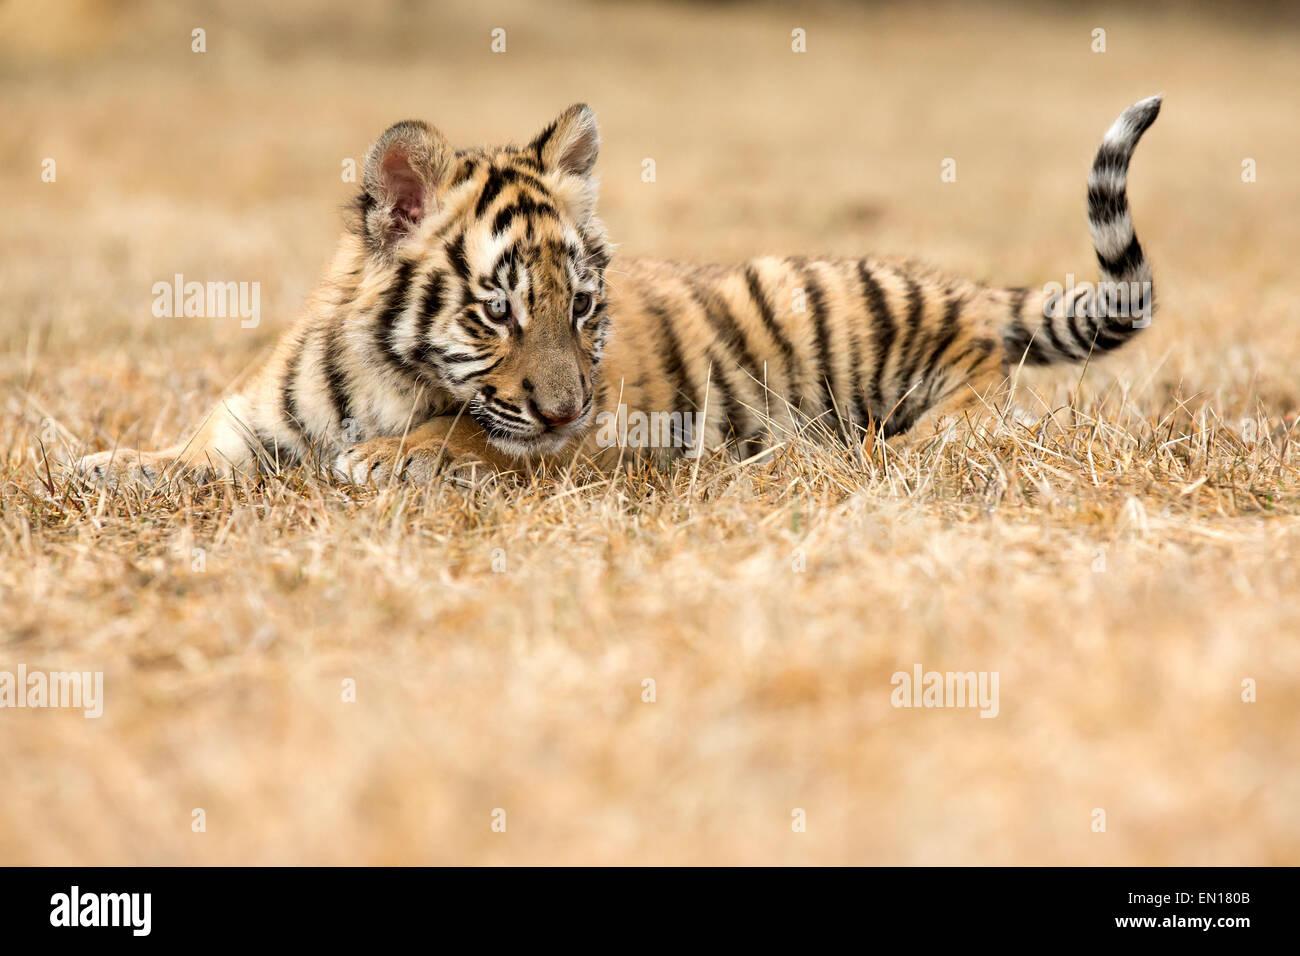 Tigre Siberiana (Panthera Tigris Altaica) cub giocando in erba Immagini Stock